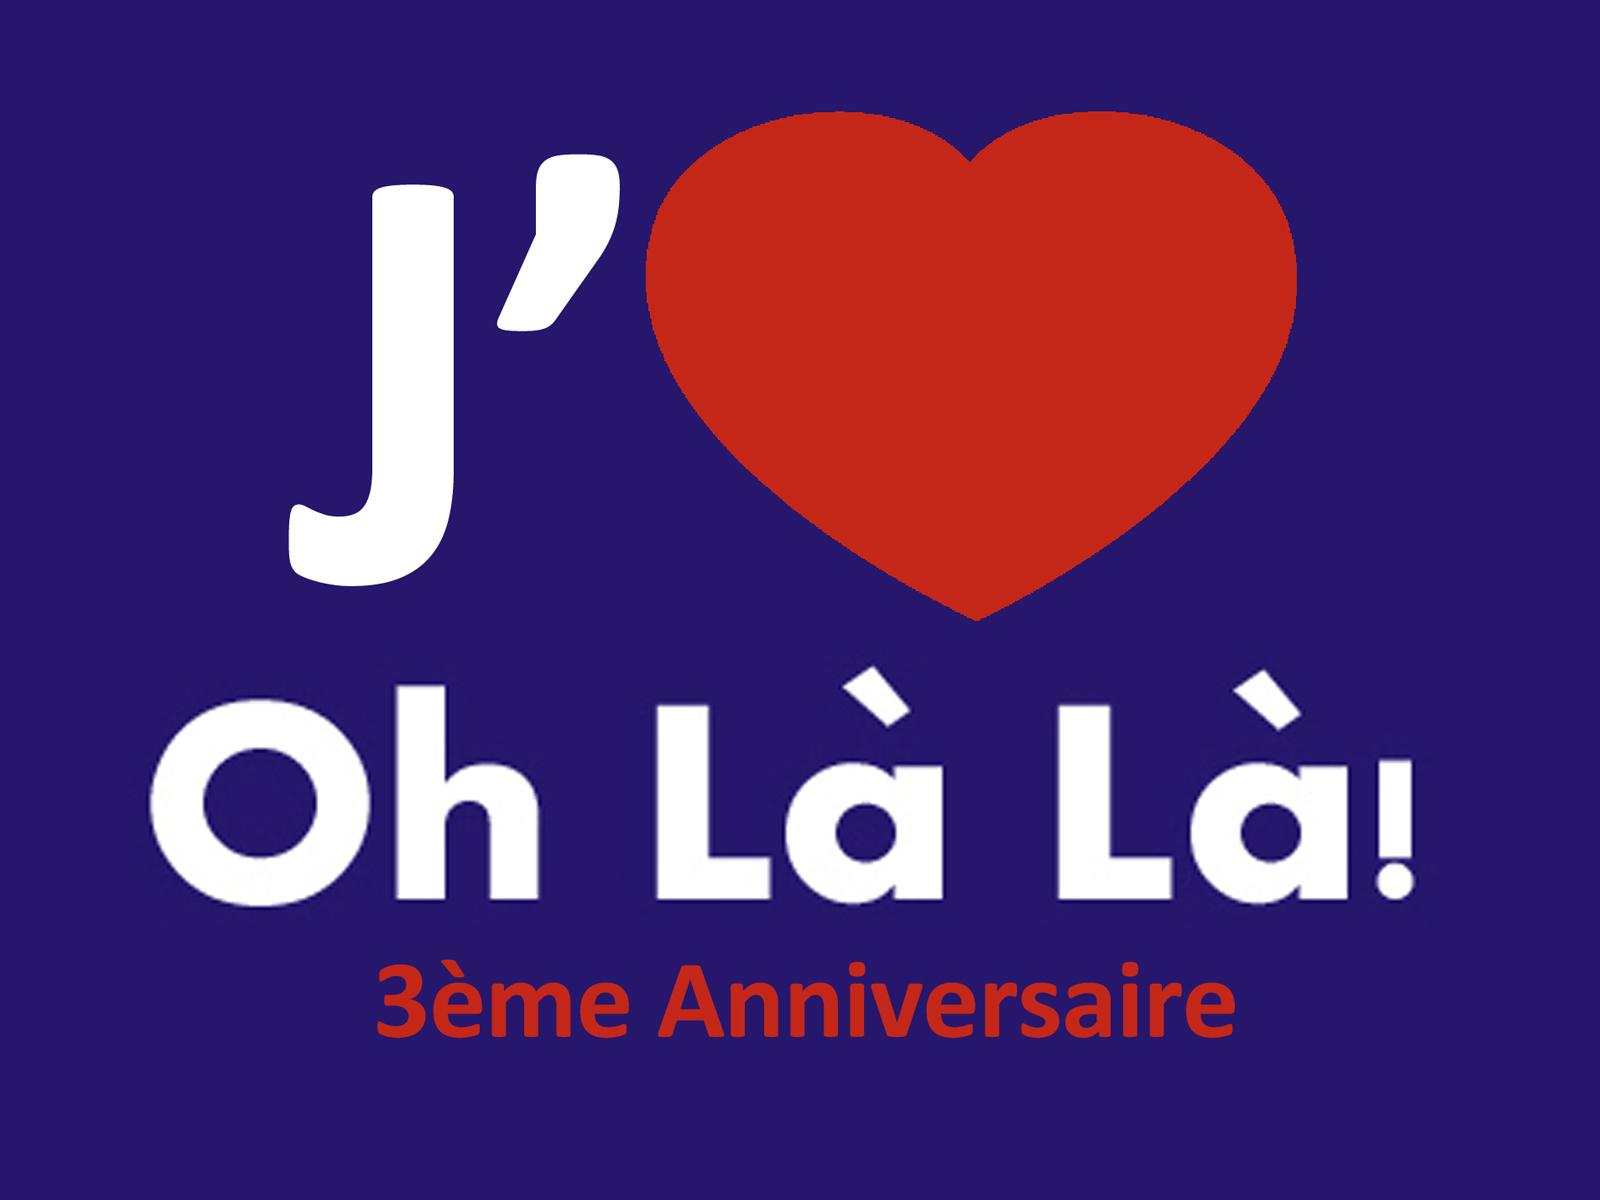 http://3.bp.blogspot.com/-6KllyMSwJzc/TzhSB9DO9KI/AAAAAAAAAV8/xXk4MotdB3Q/s1600/J\'aime+Oh+La+La.jpg